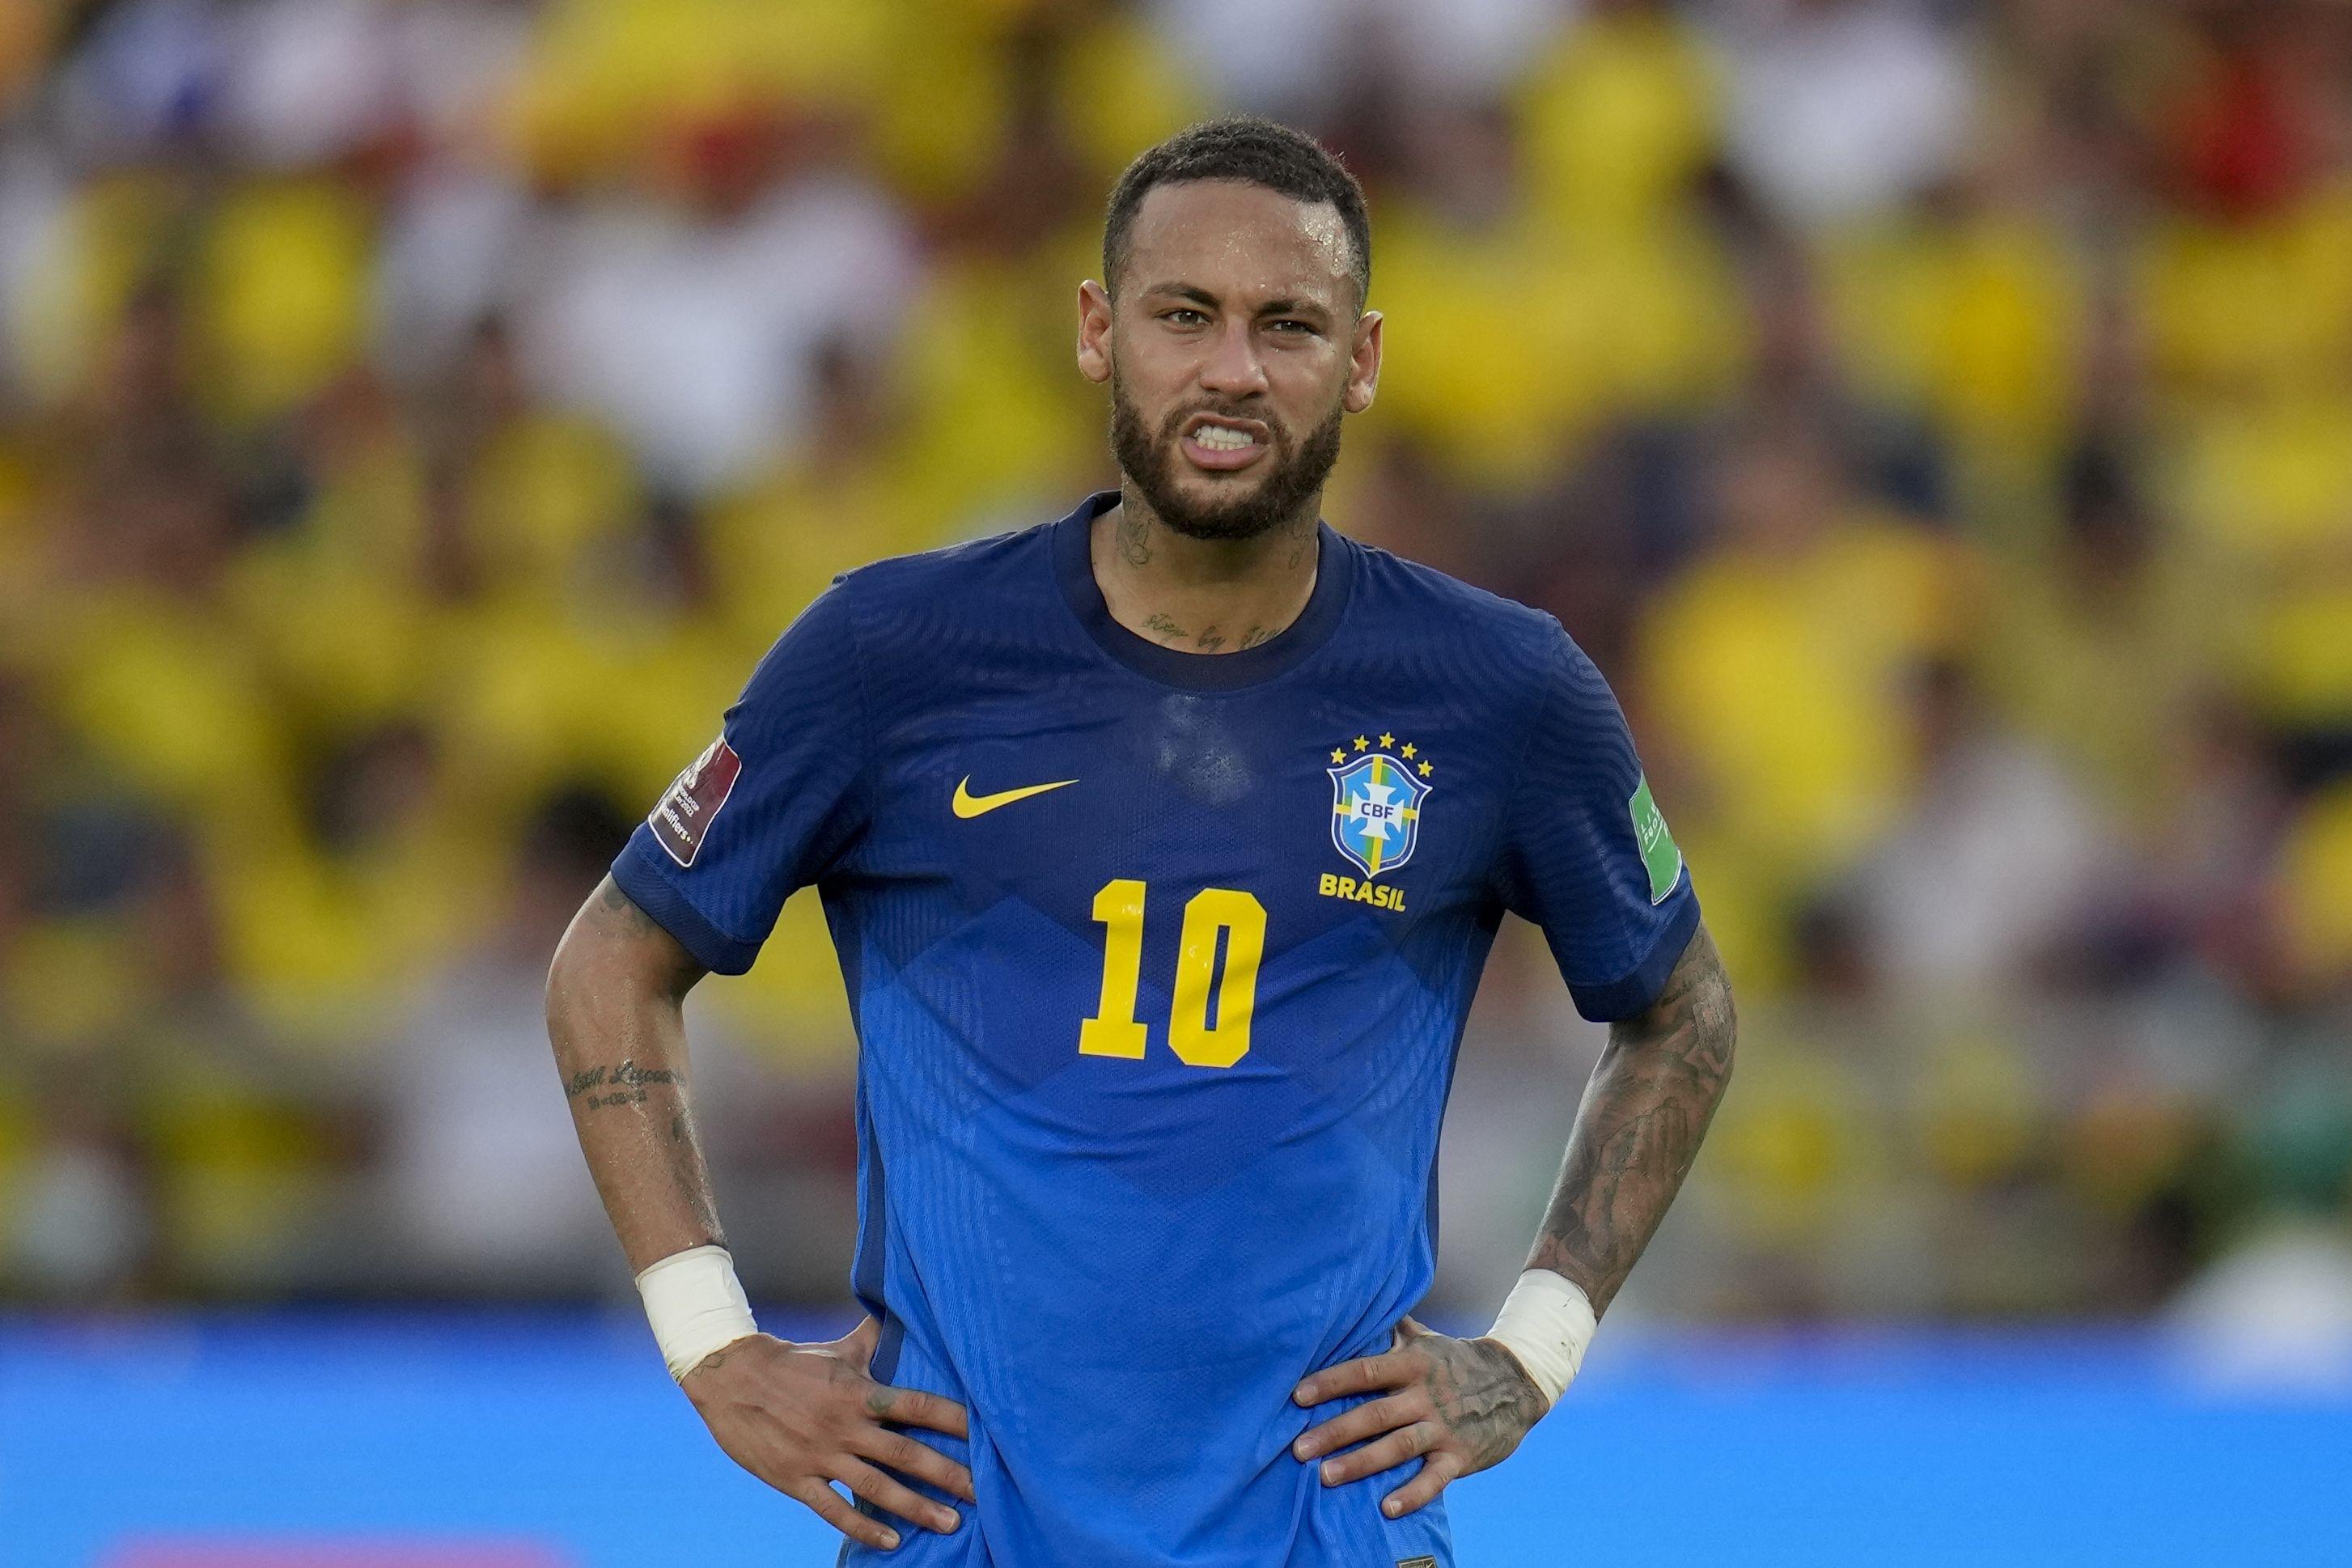 colombia frena el paso inmaculado de brasil con empate 0-0